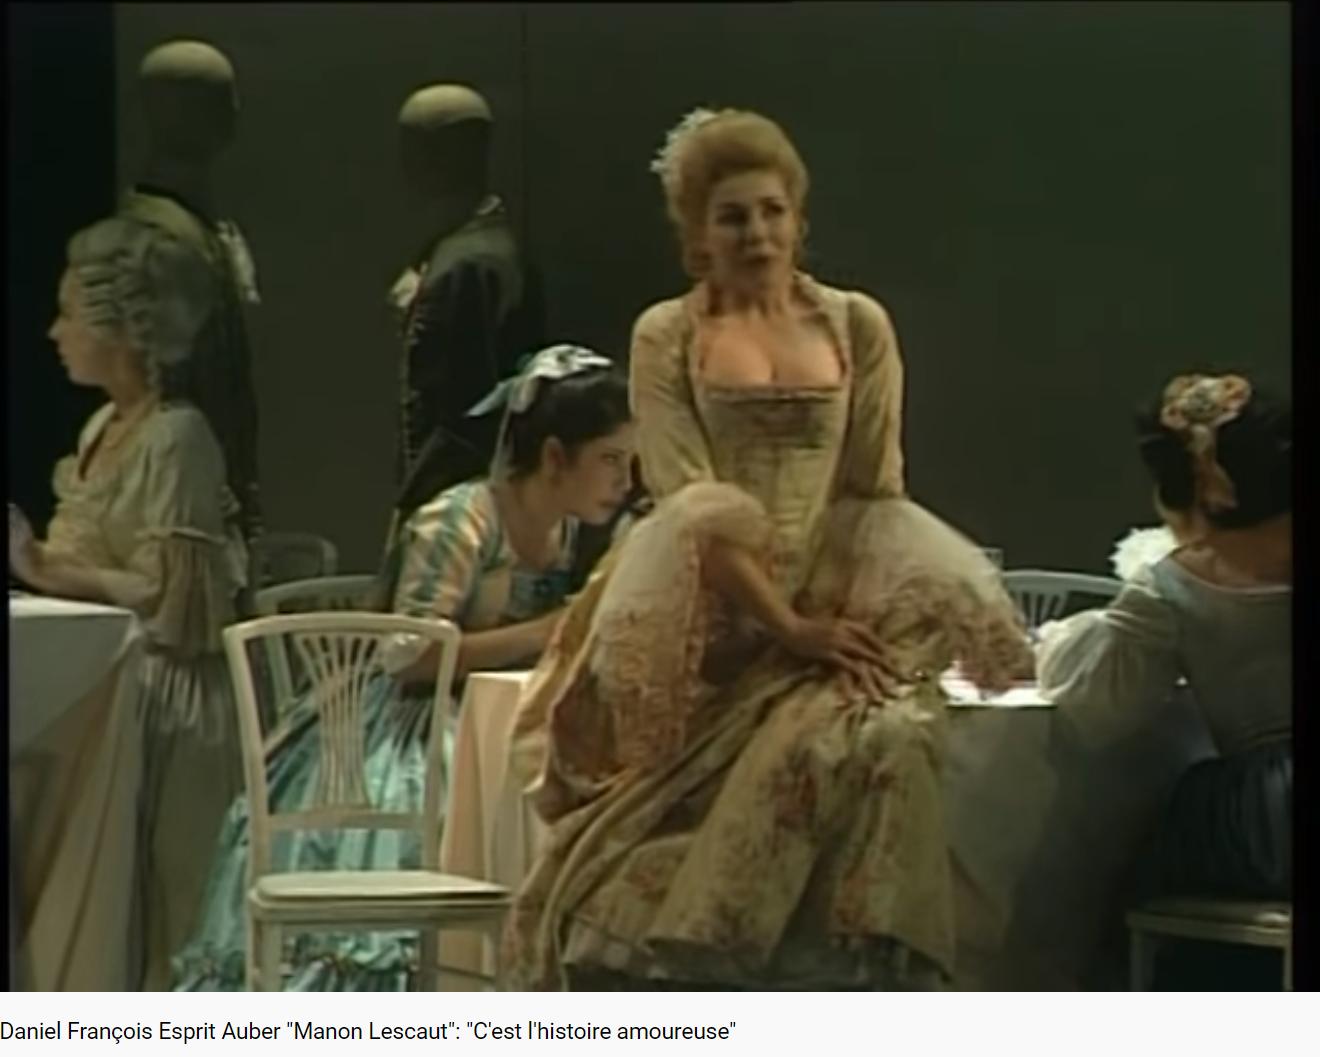 Auber Manon Lescaut C'est l'histoire amoureuse